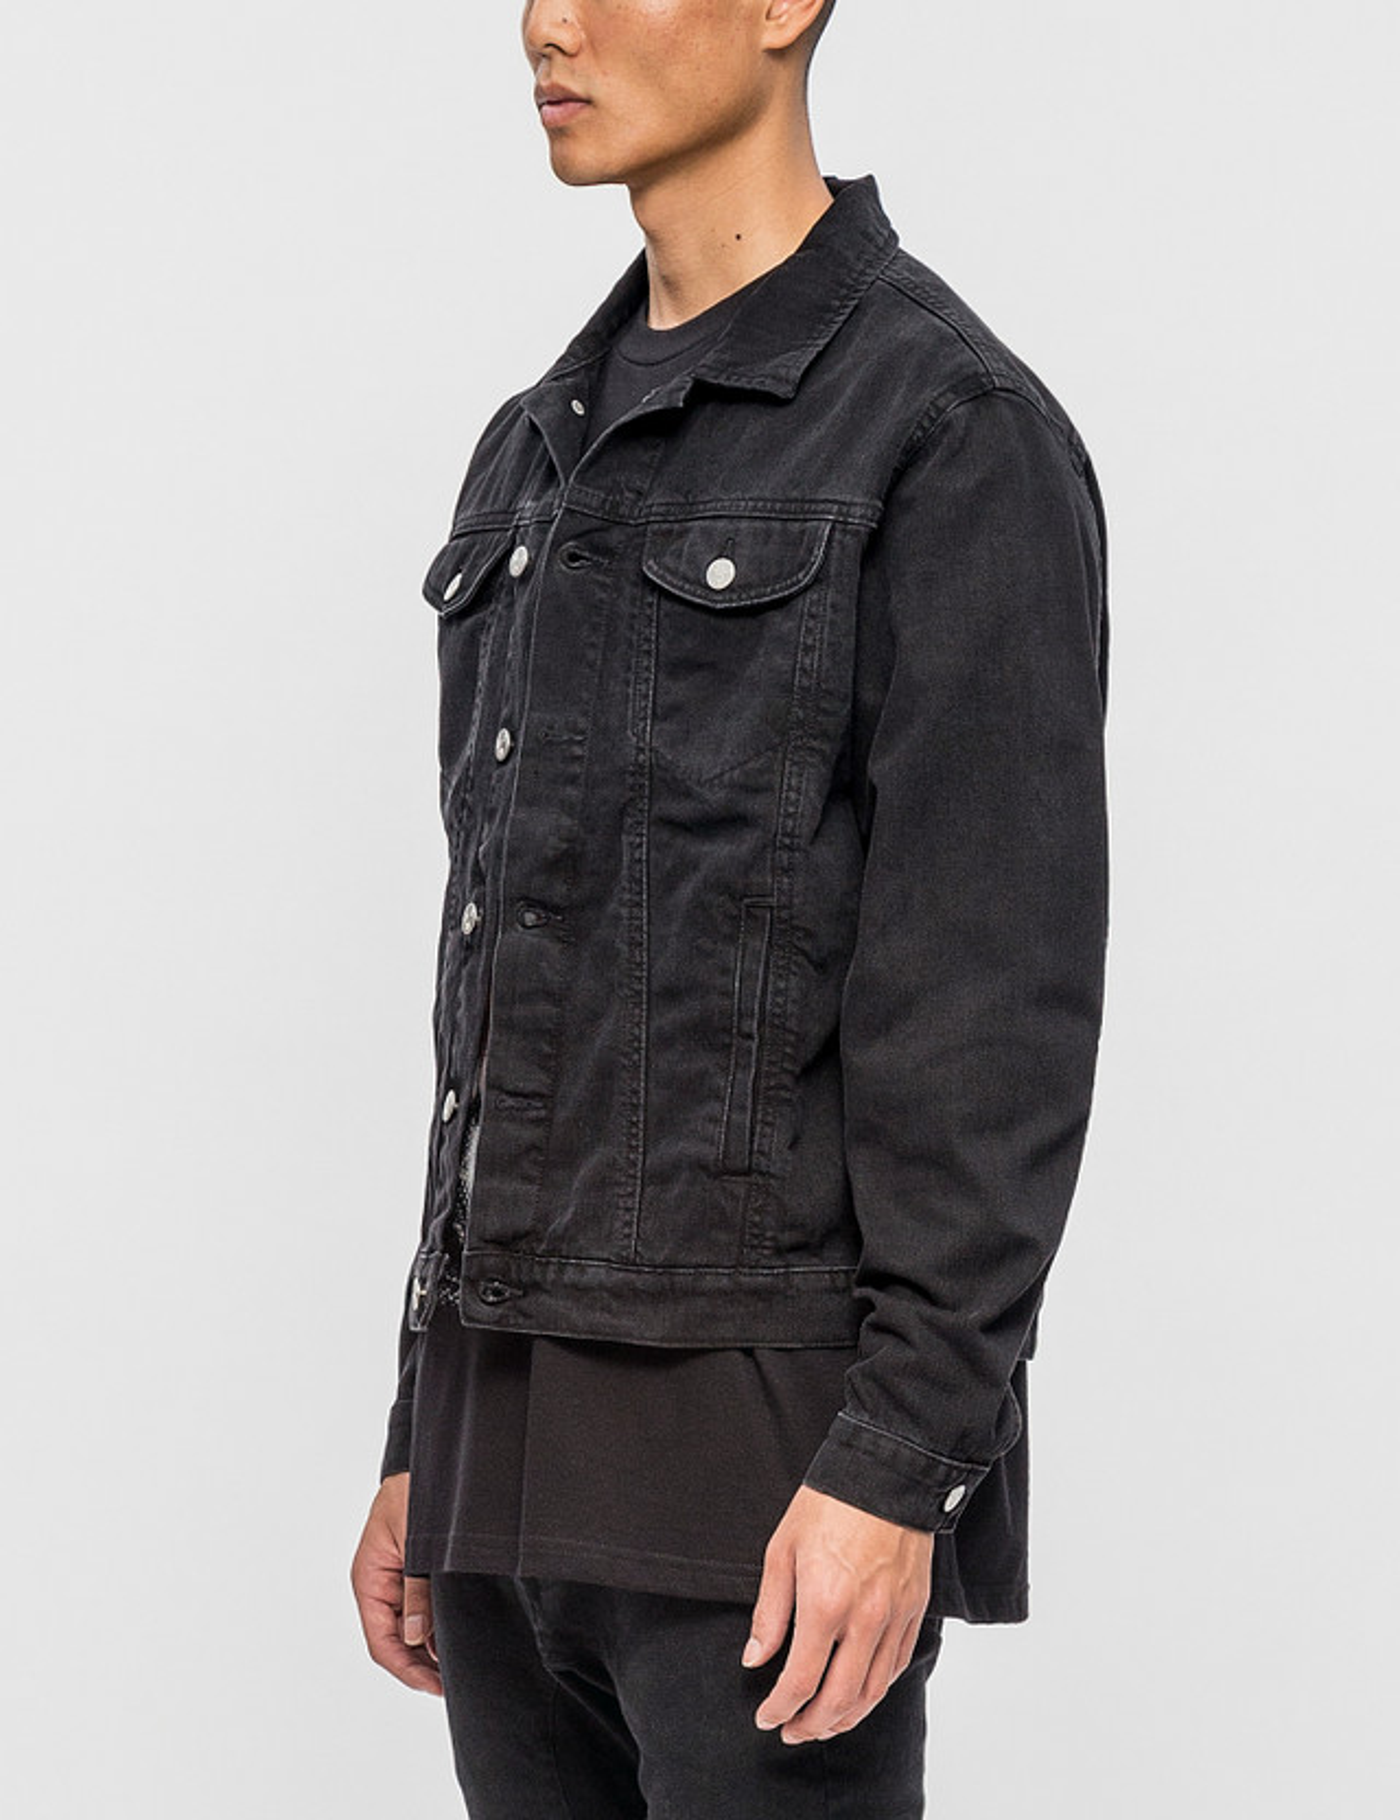 misbhv warszawa 1980 denim jacket